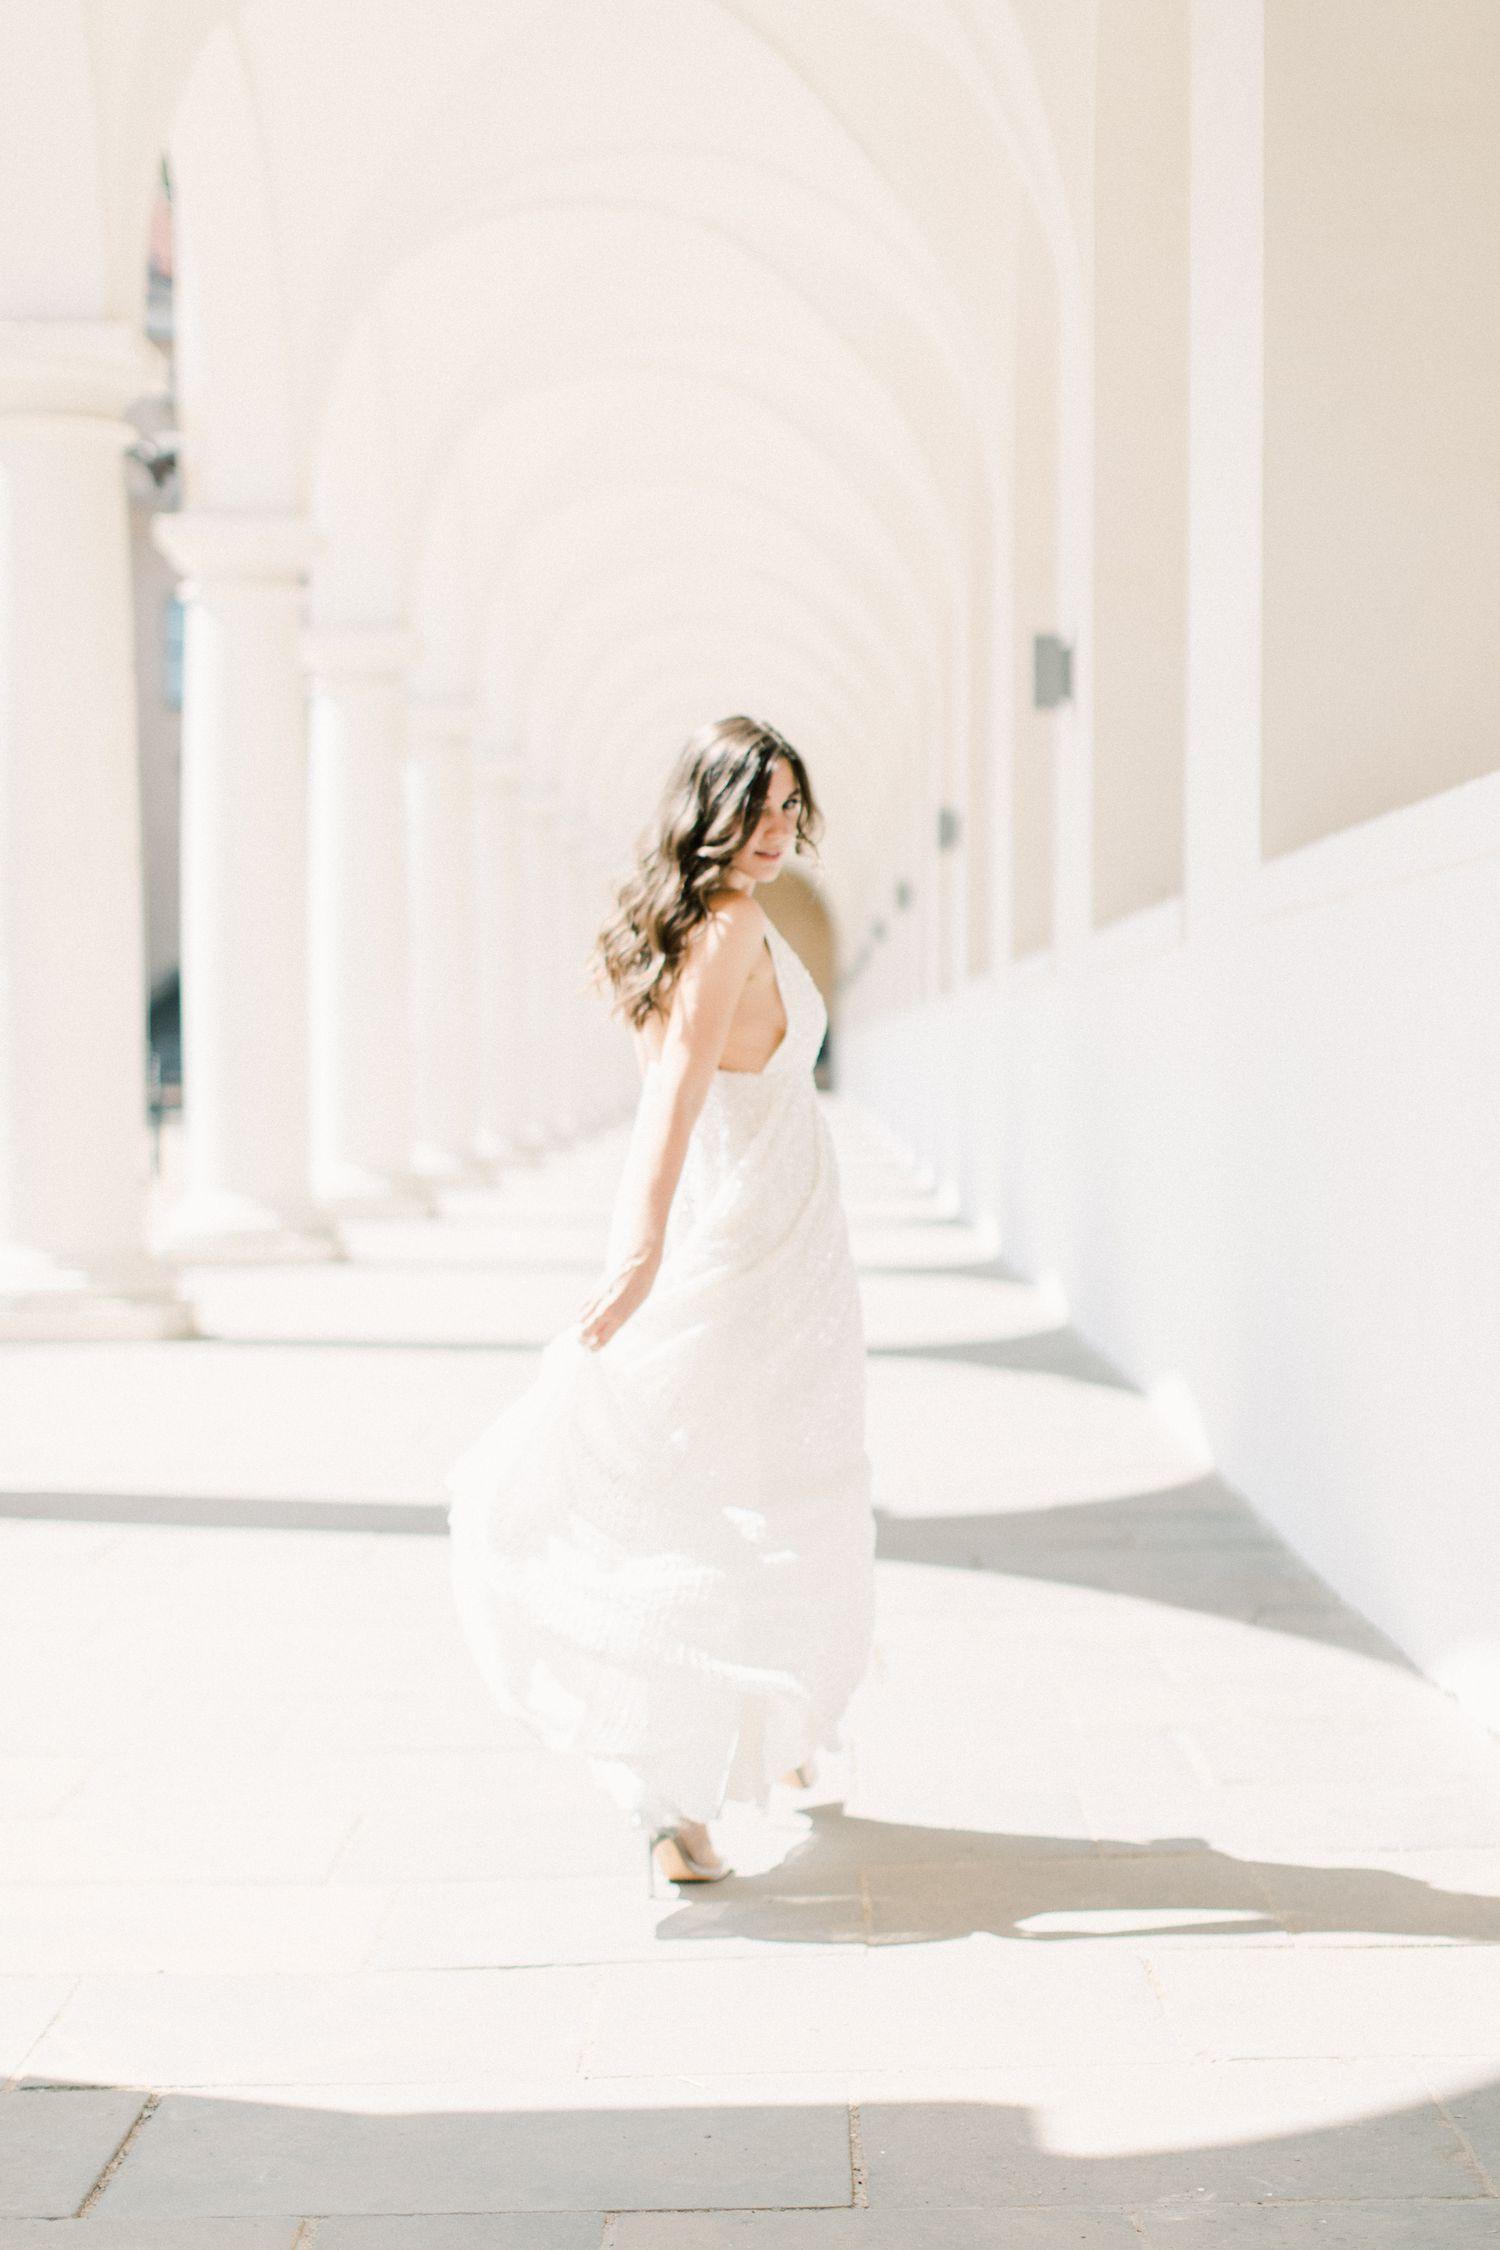 Fine-Art-Hochzeitsfotografie-Hochzeitsfotograf-Dresden-Leipzig-Frankfurt-München-Jutta-Matveev-_2522